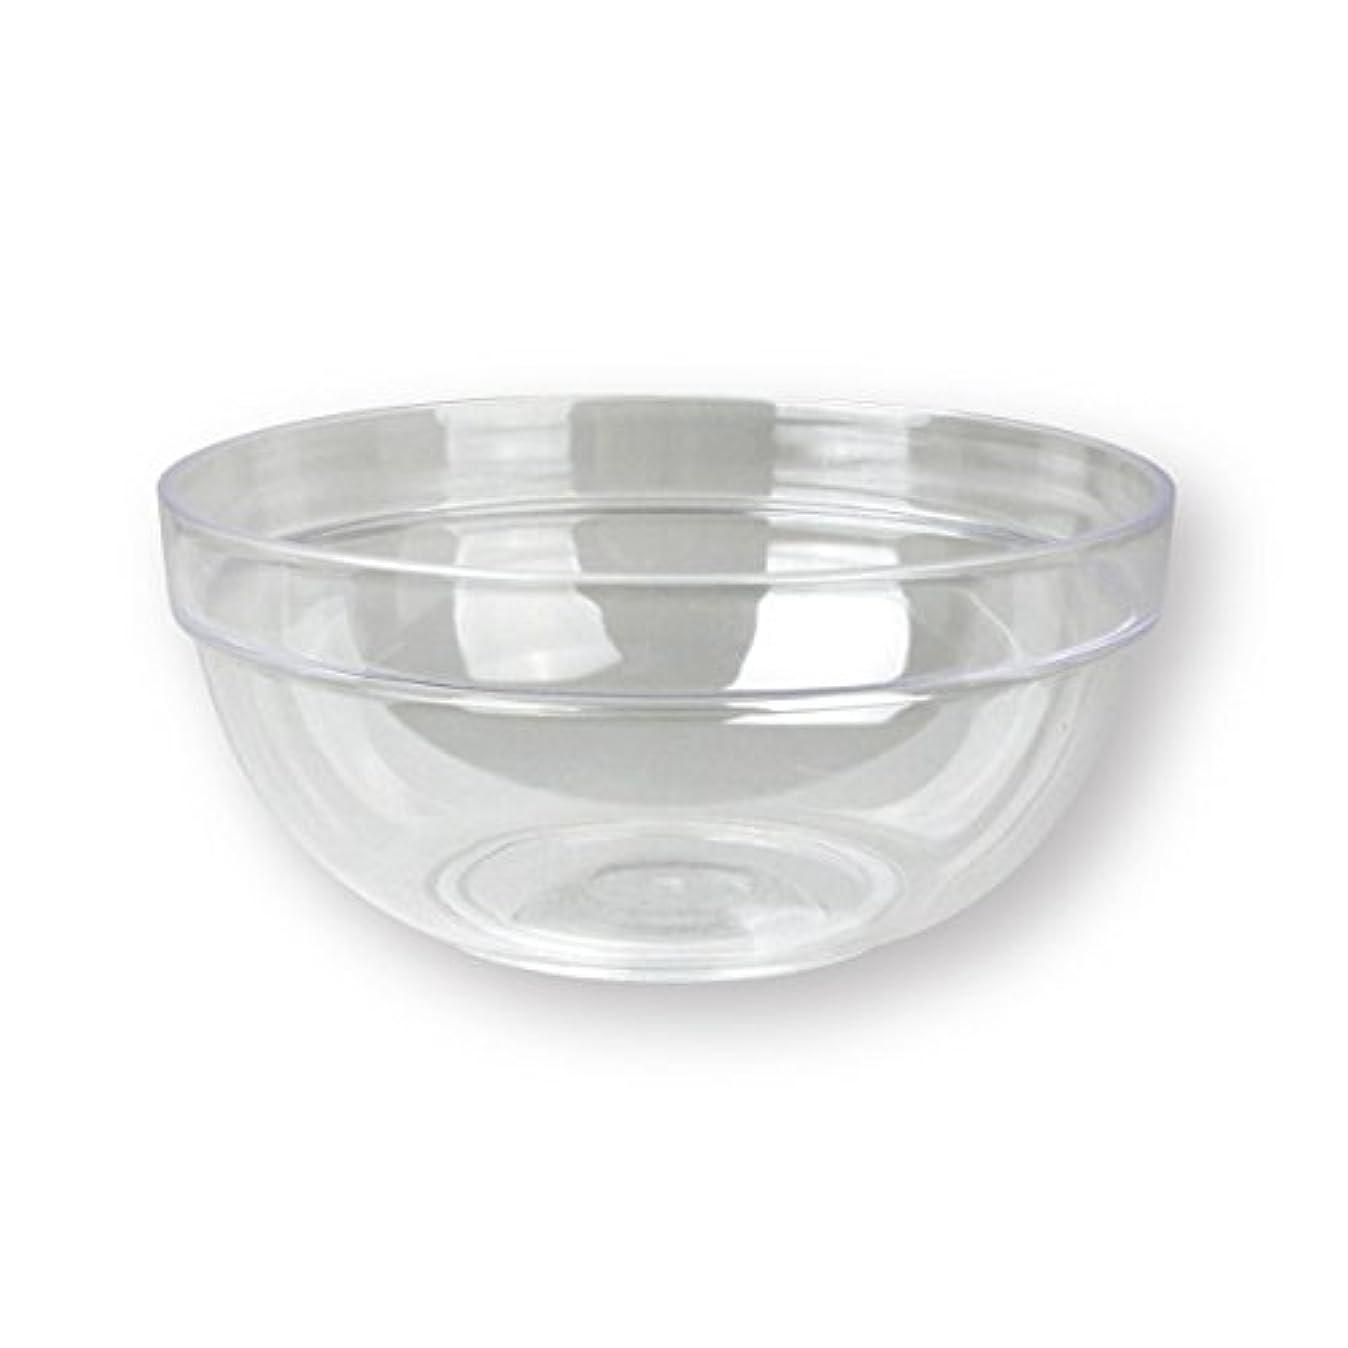 モールス信号落とし穴悲しい4個セットプラスチックボール プラスチック ボウル カップクリア 直径20cm